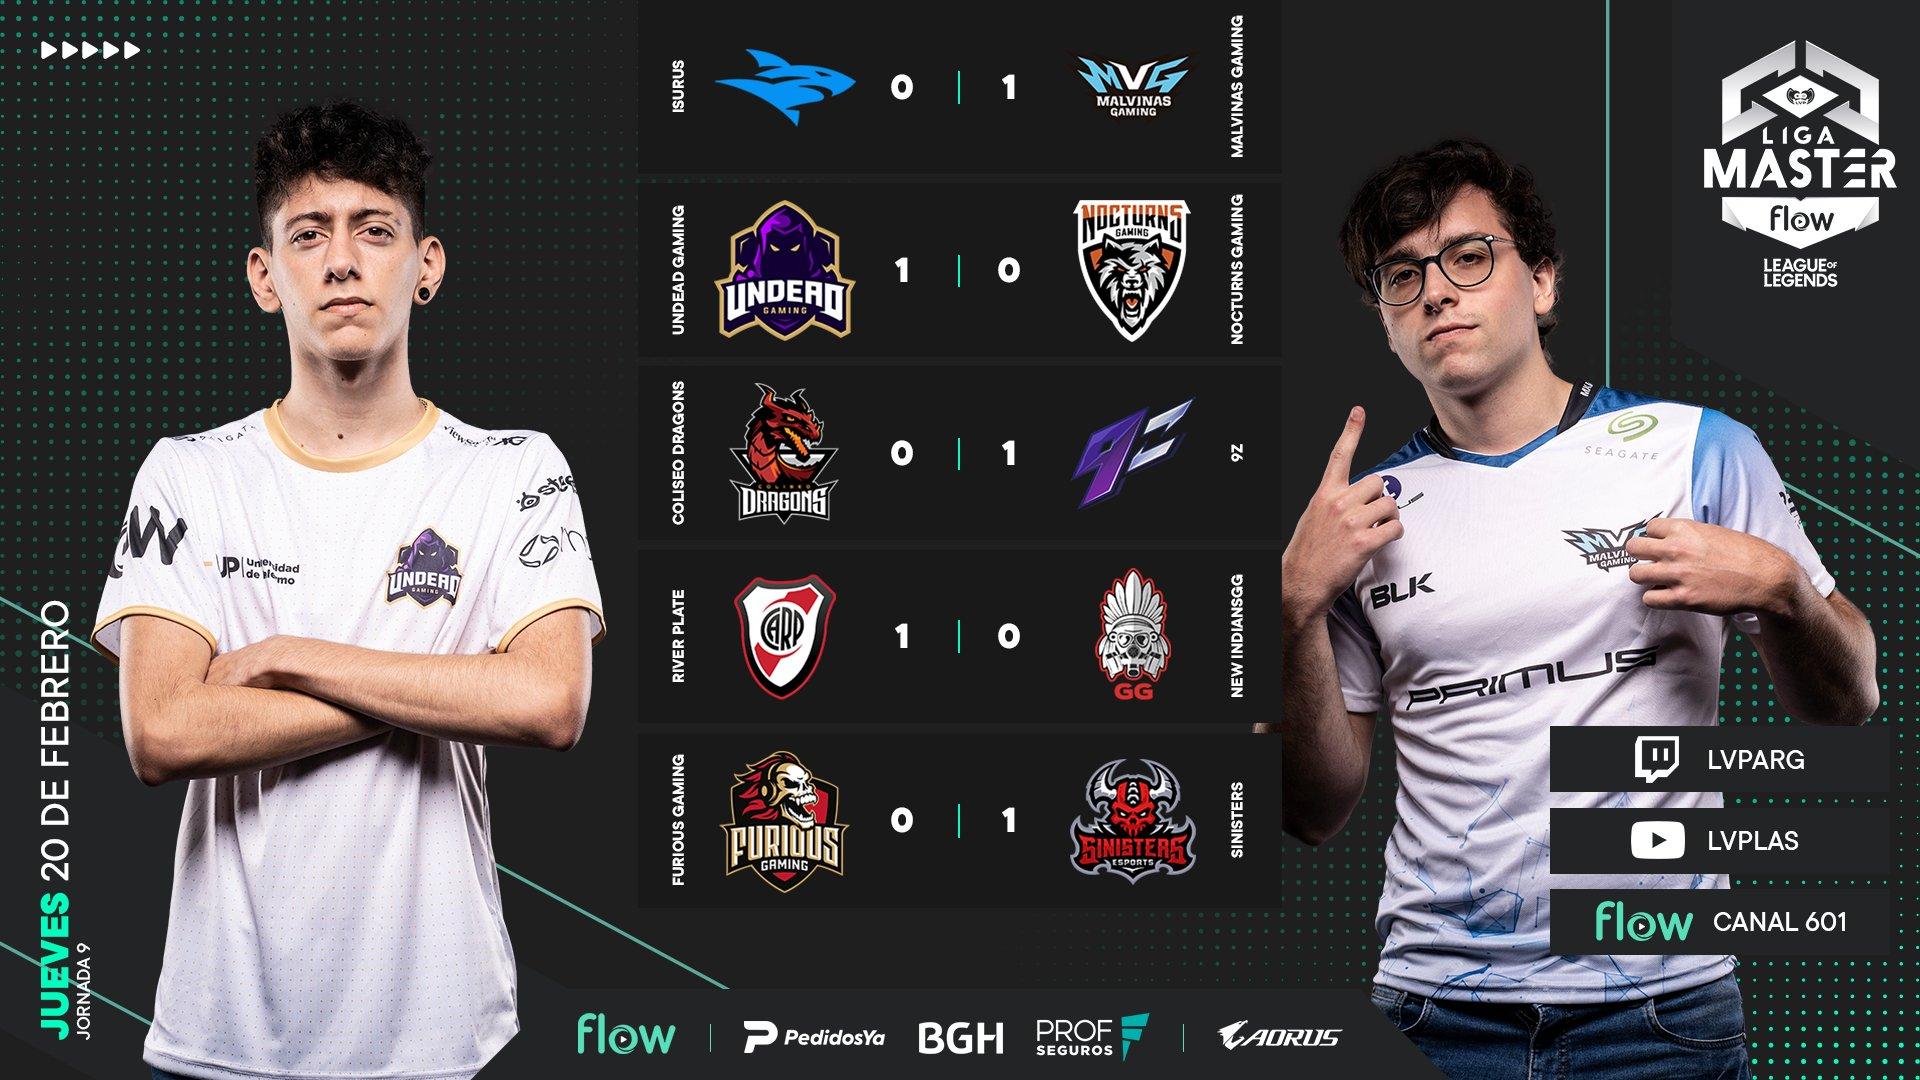 Liga Máster Flow 2020 de League of Legends: tres punteros en un torneo cada vez más parejo